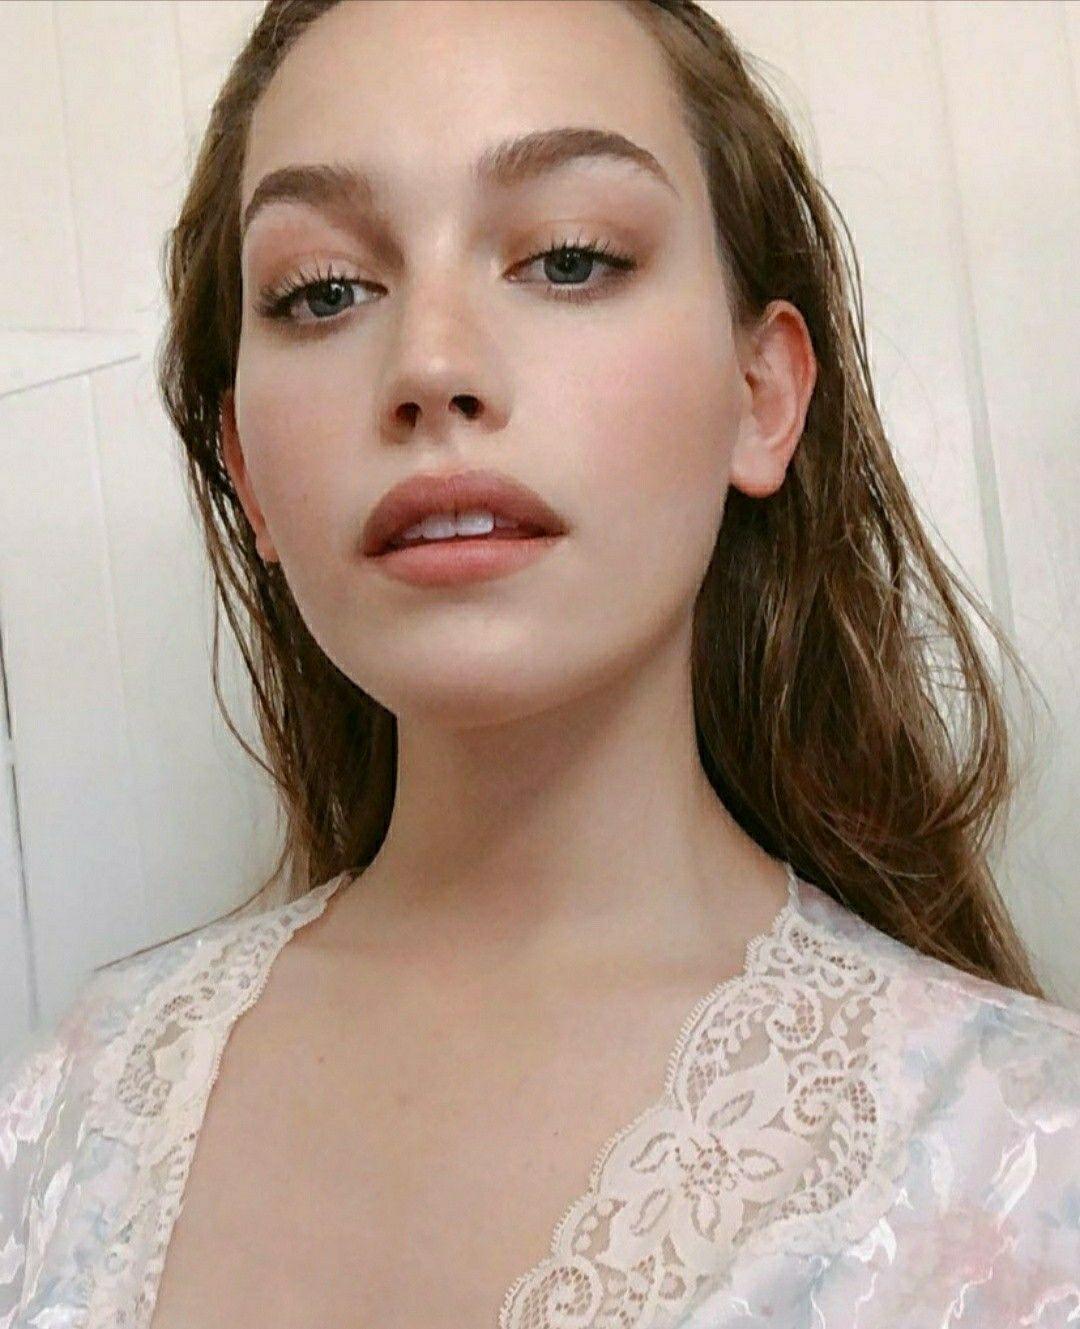 Victoria Pedretti Beauty Victoria Pretty Face